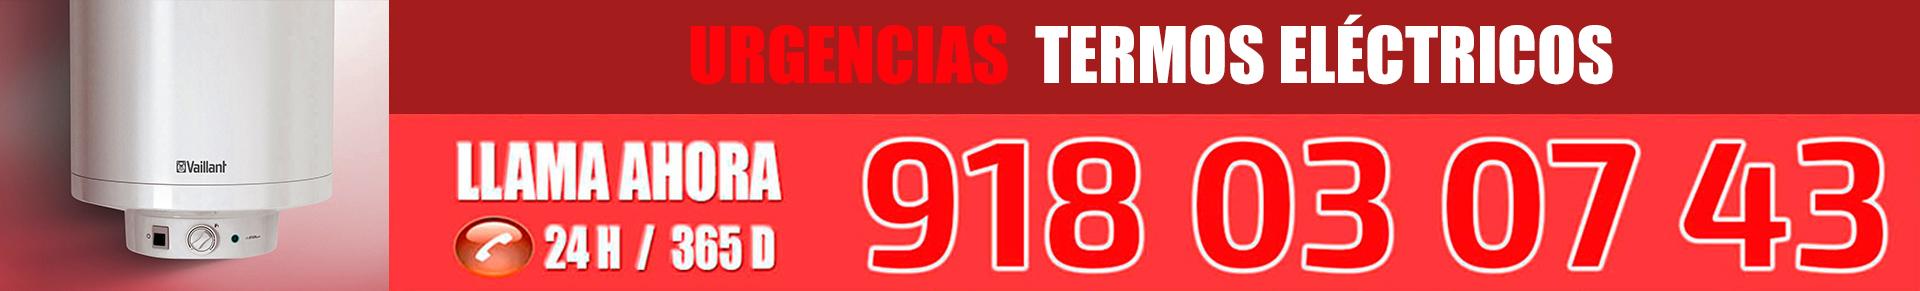 teléfono urgente reparación termos eléctricos en Alcalá de Henares